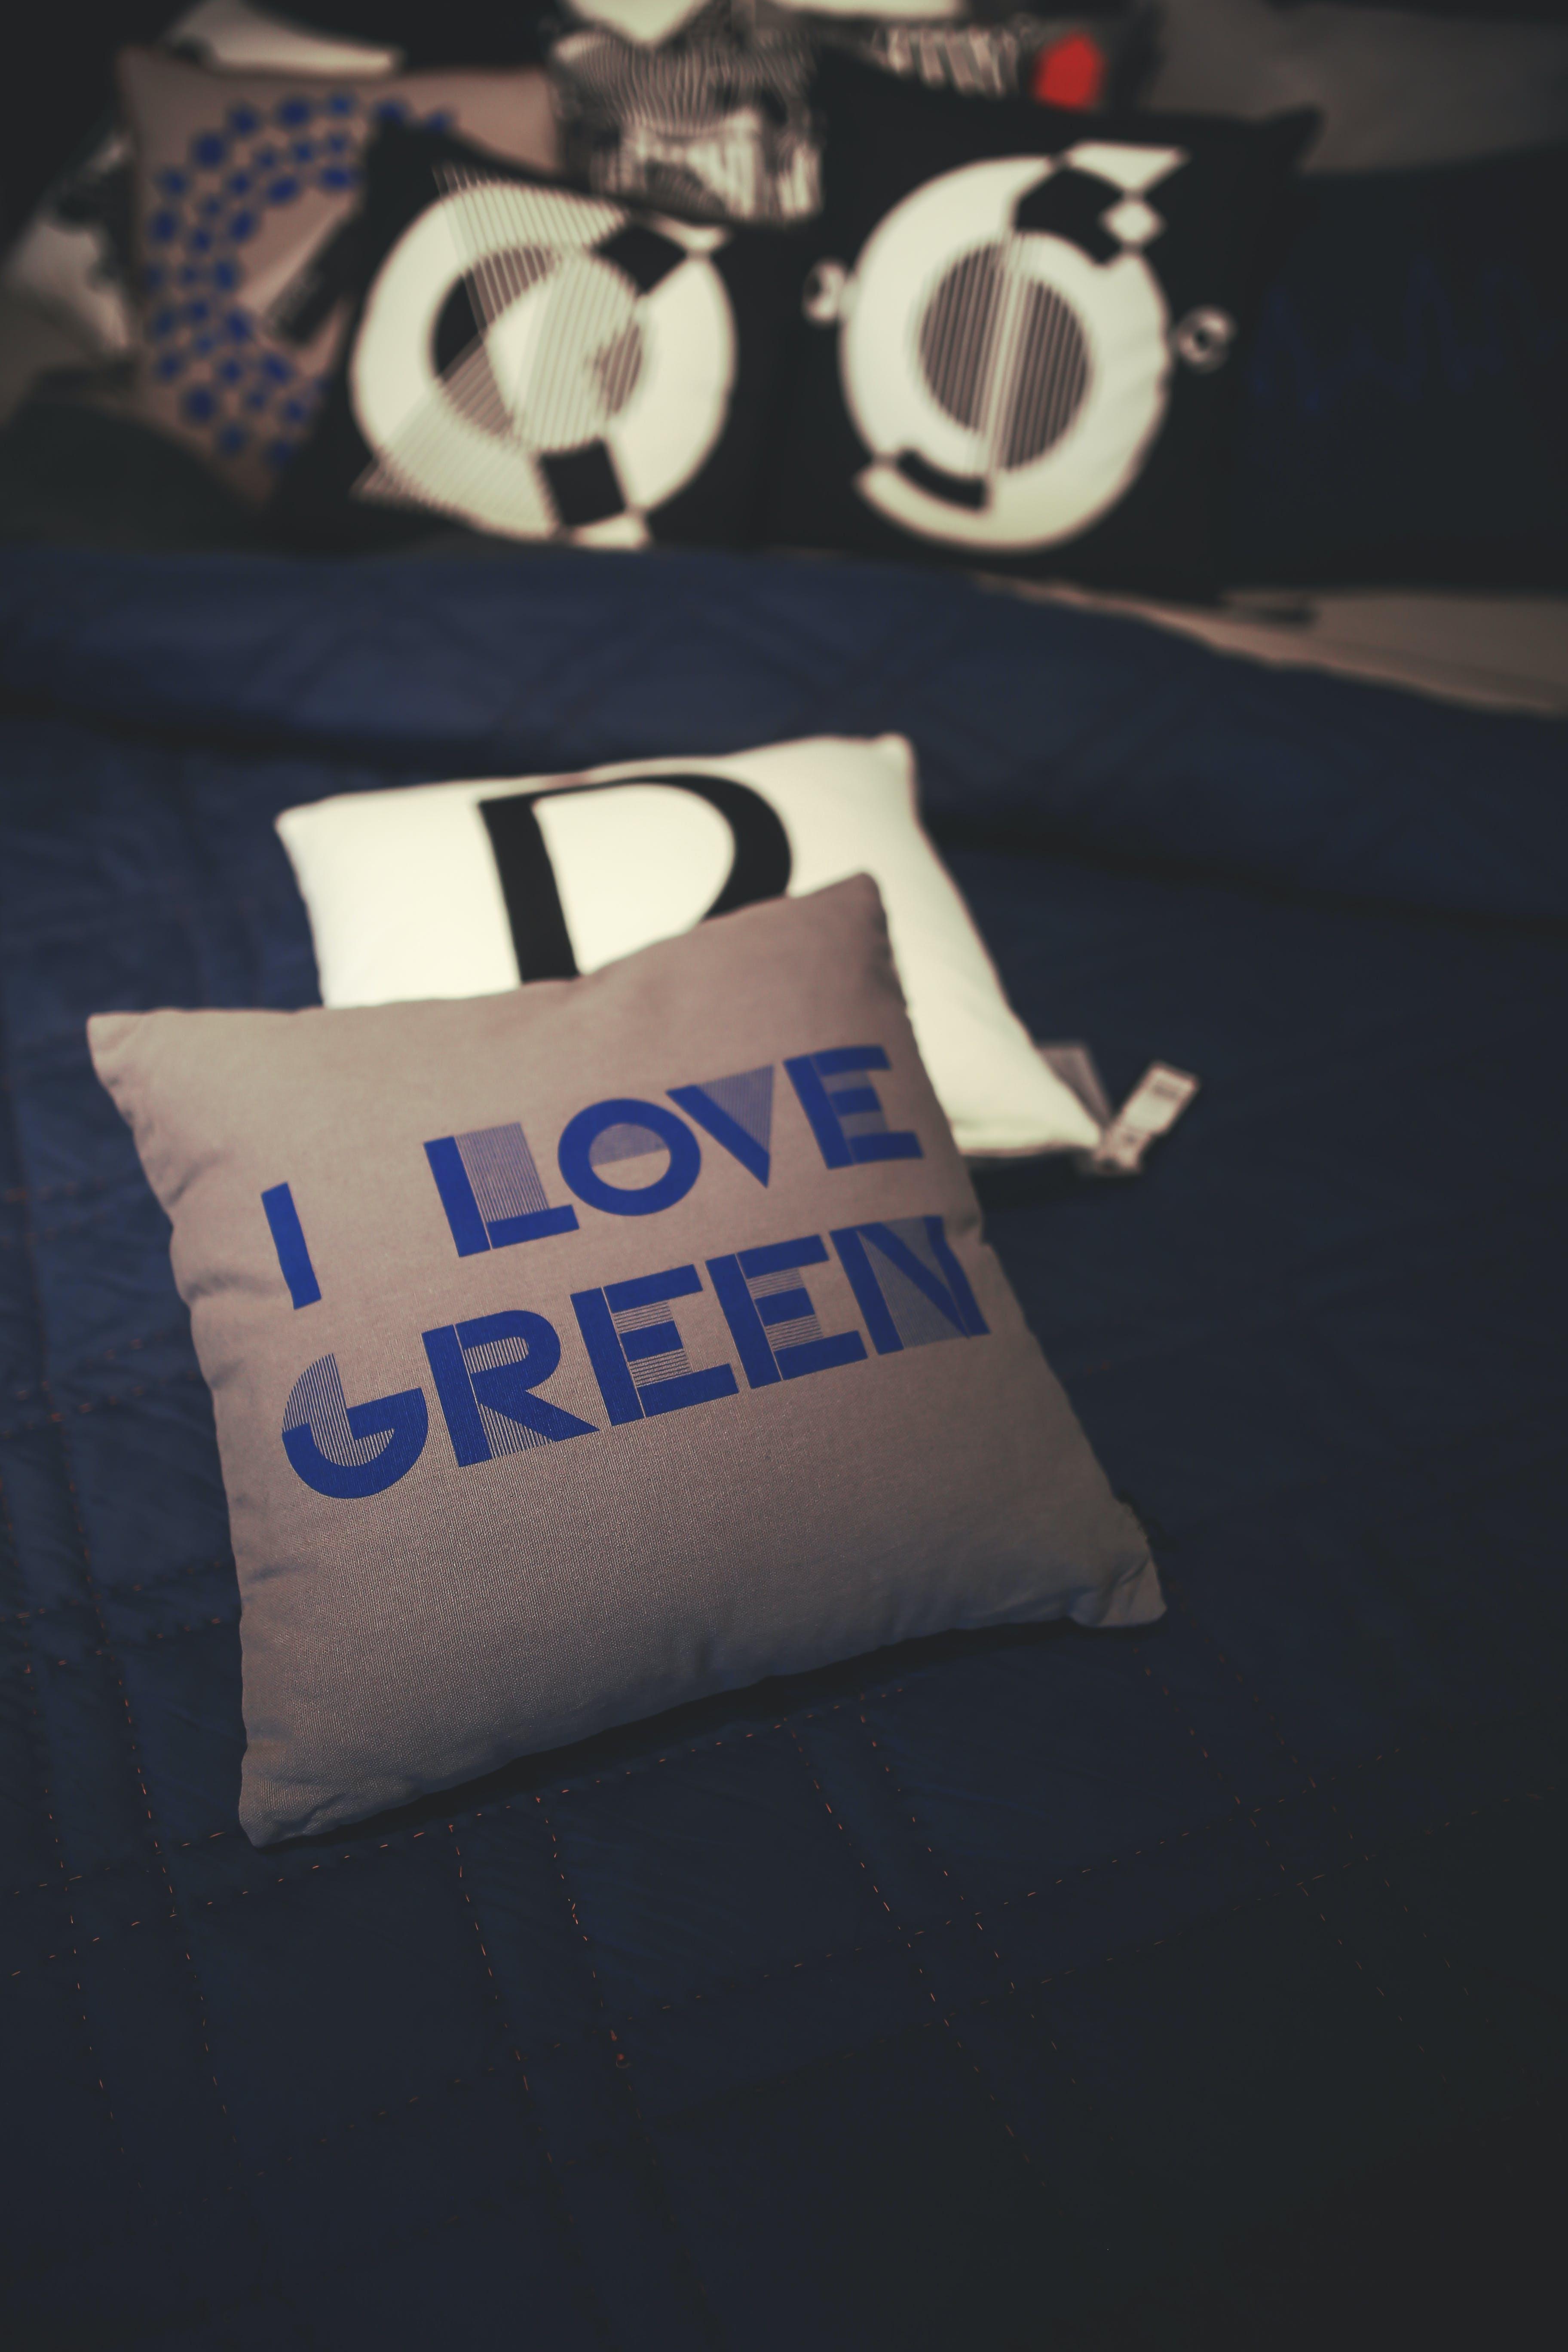 I love green pillow